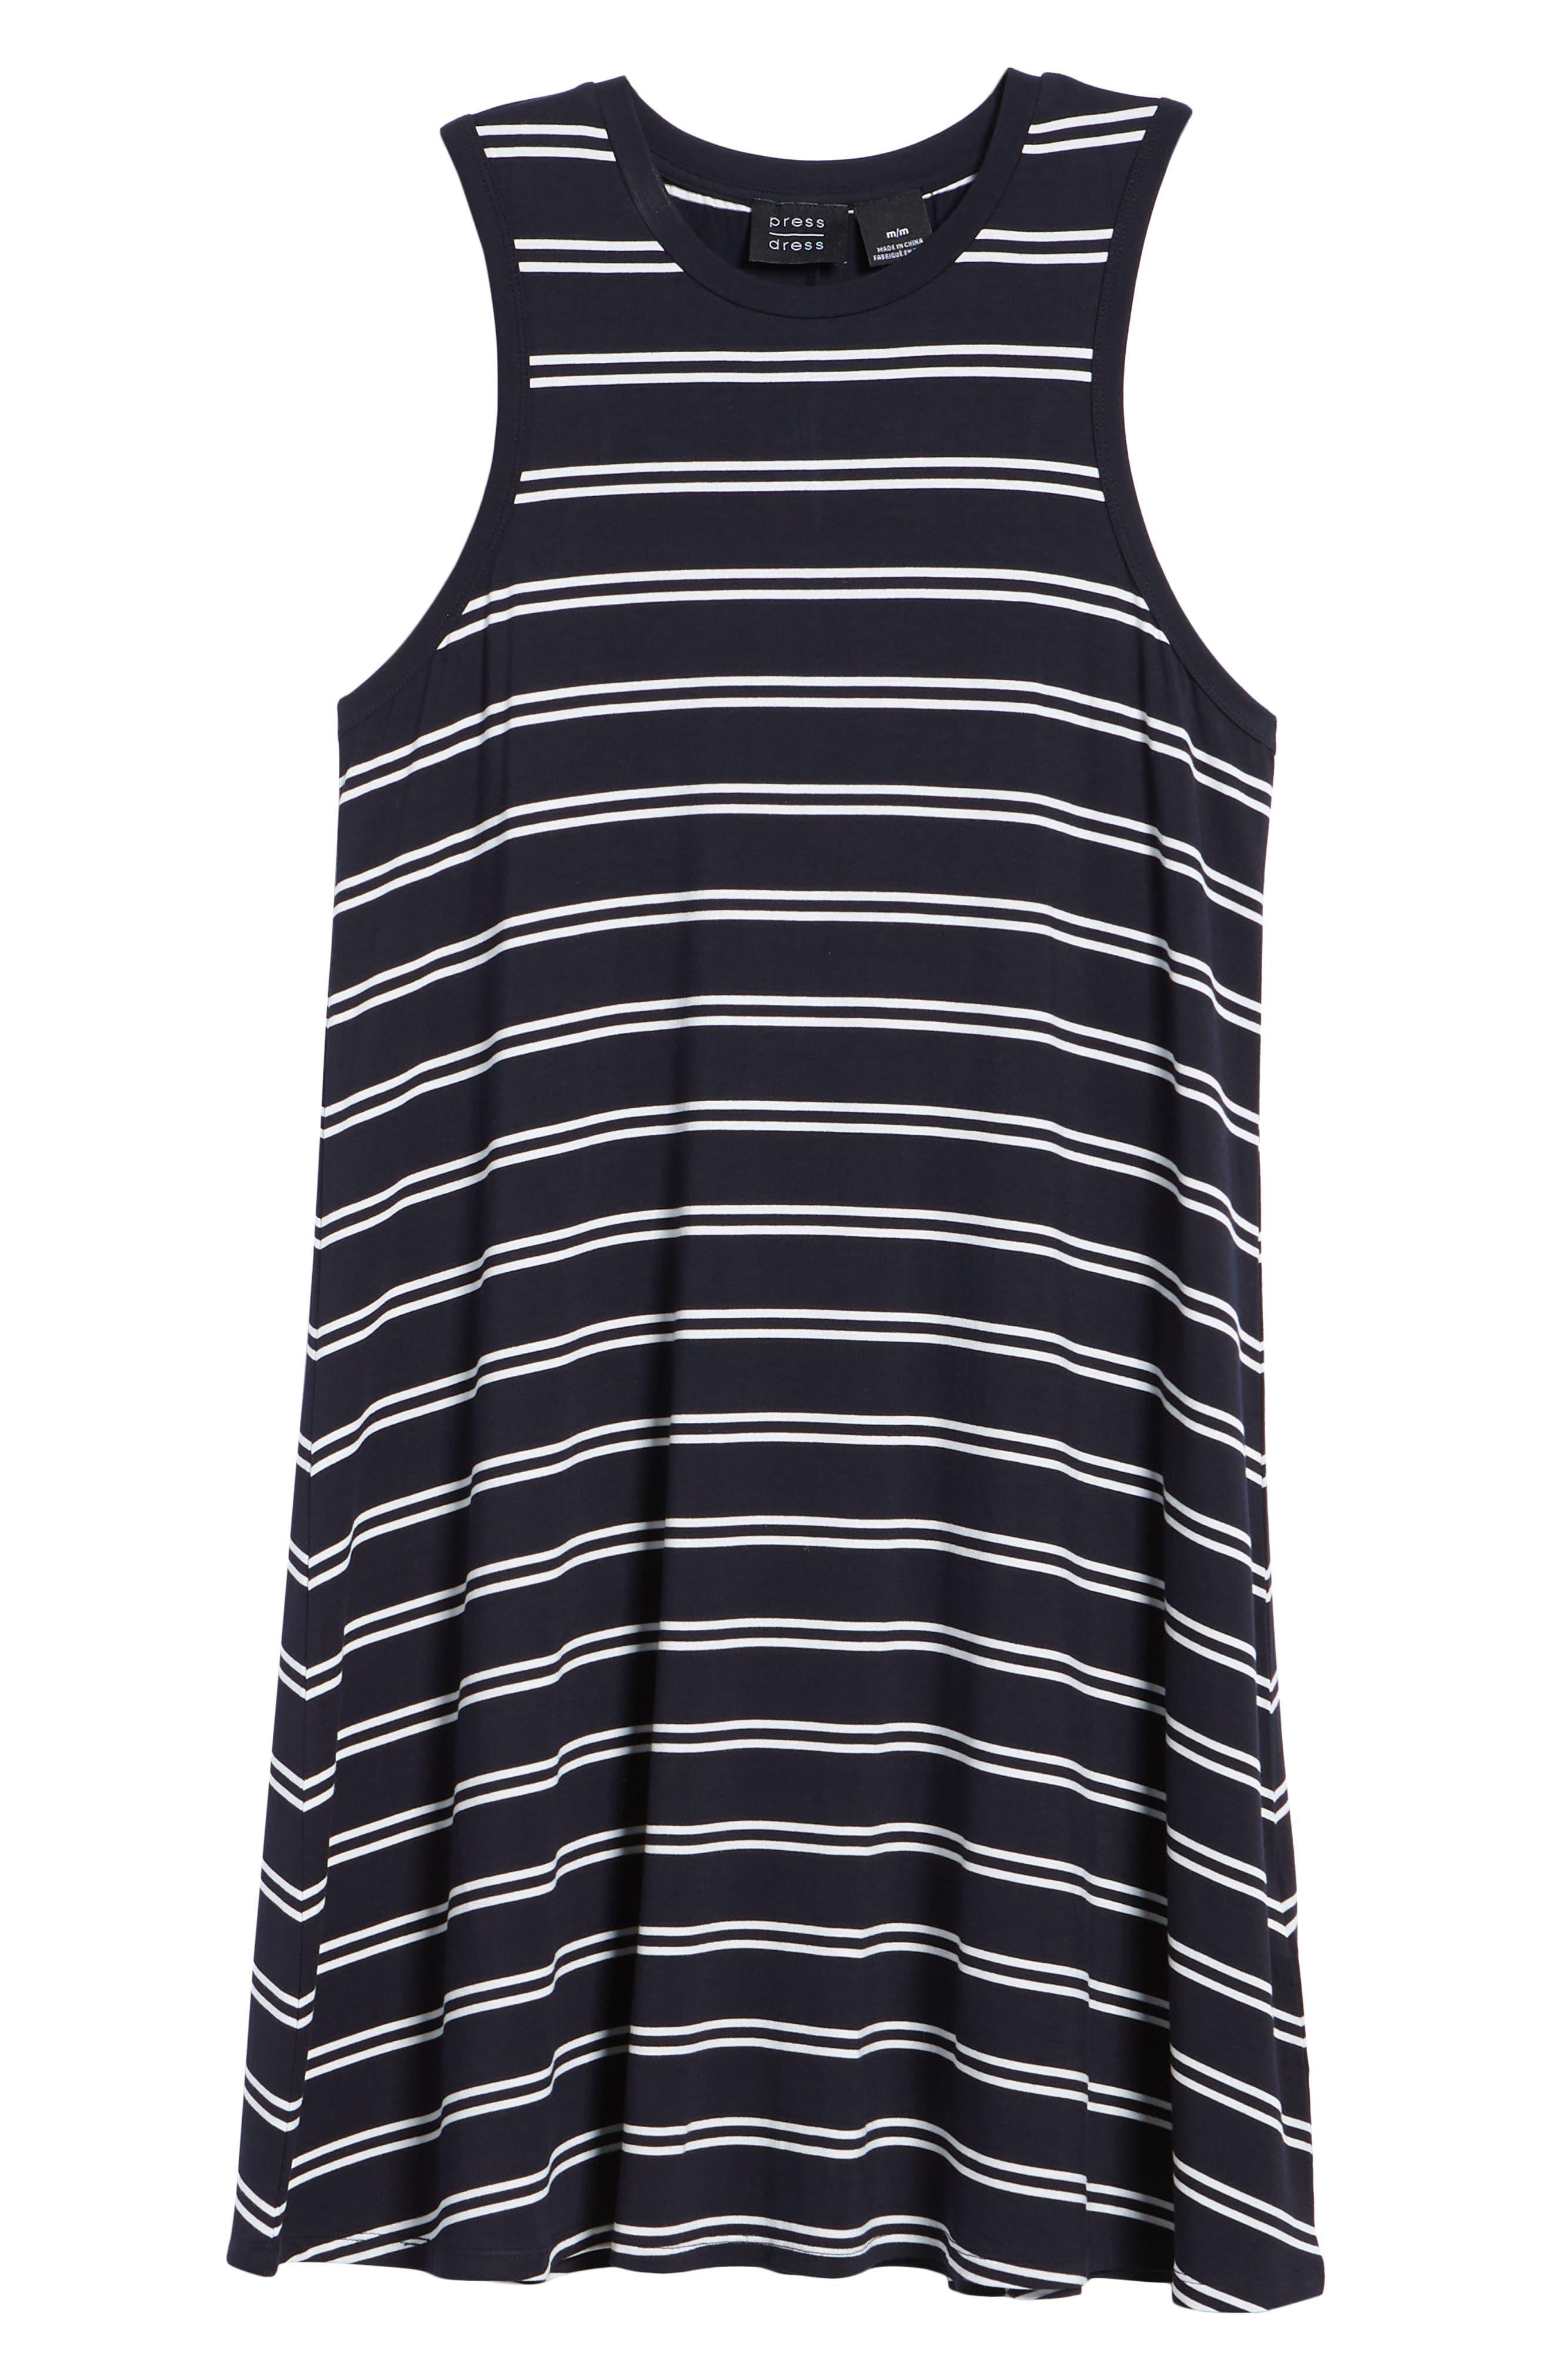 Stripe Tank Dress,                             Alternate thumbnail 7, color,                             410